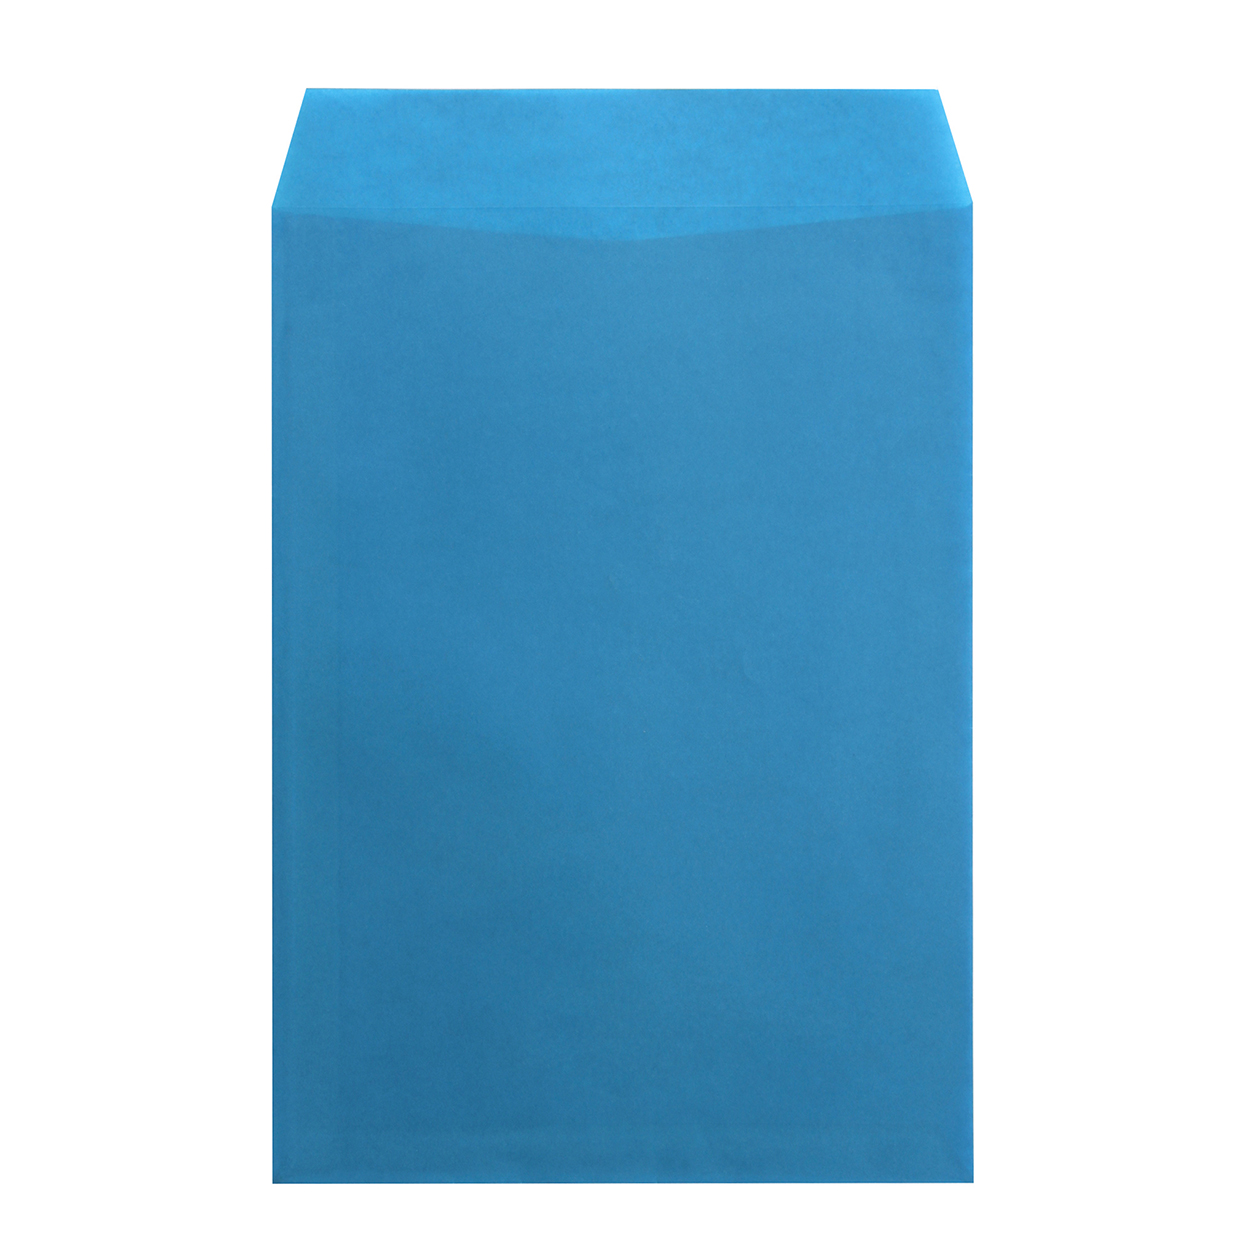 角2封筒 クラフトロウ引き ブルー